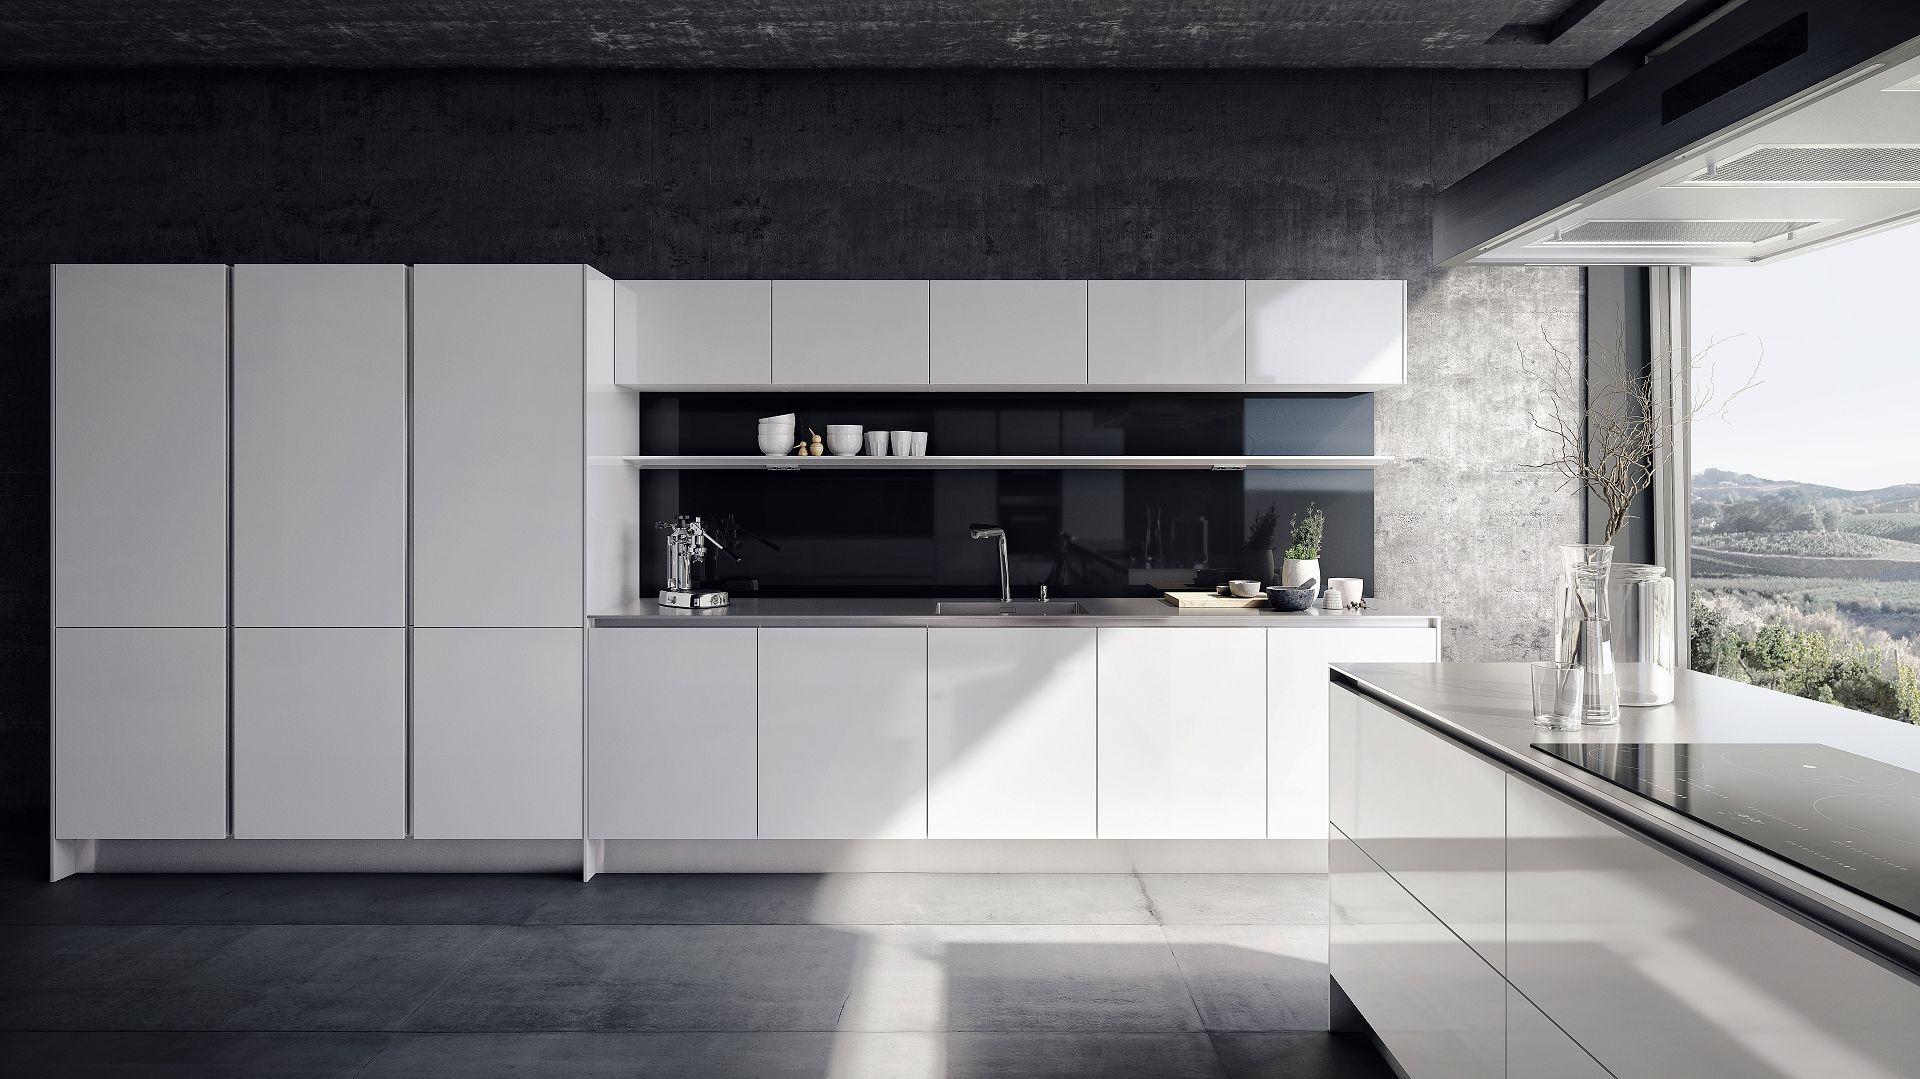 Grifflose Siematic S2 In Weiss Glanzend Mit Steindesign Arbeitsplatte In 1 Cm Optik Und Verglaster Nische Countrybacksplas Minimal Kitchen Design Minimalist Decor Interior Design Kitchen